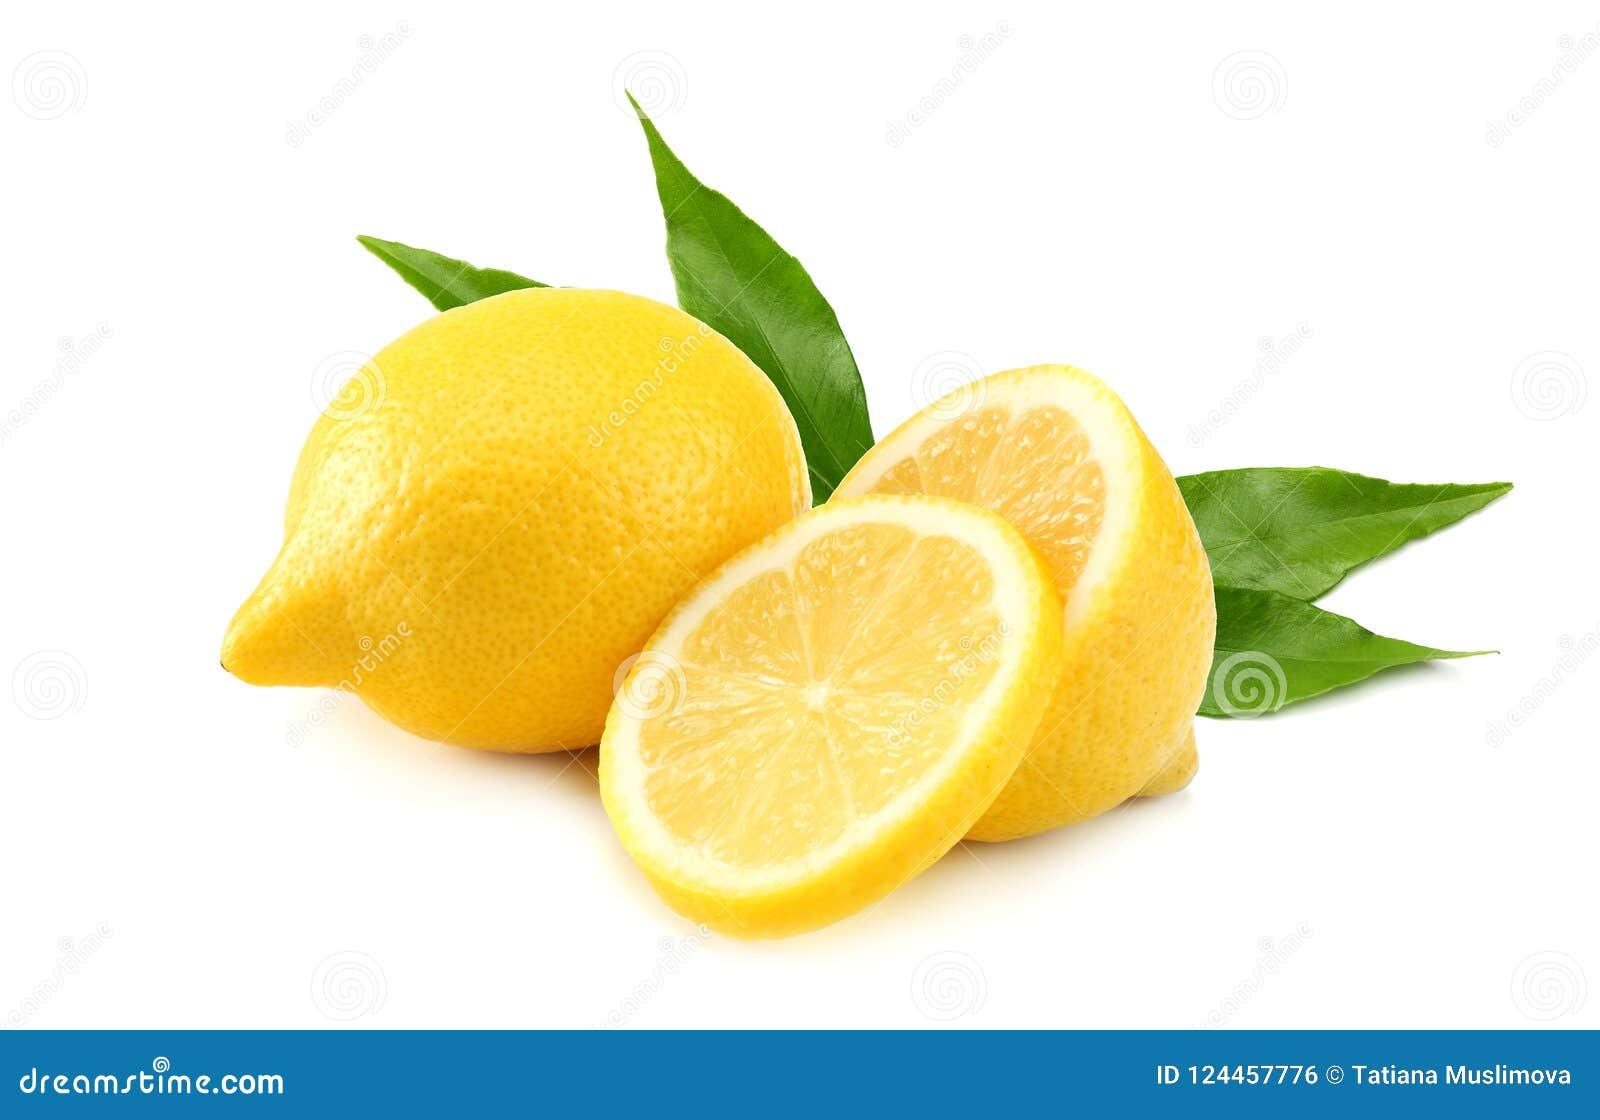 Alimento saudável limão com as fatias e a folha verde isoladas no fundo branco